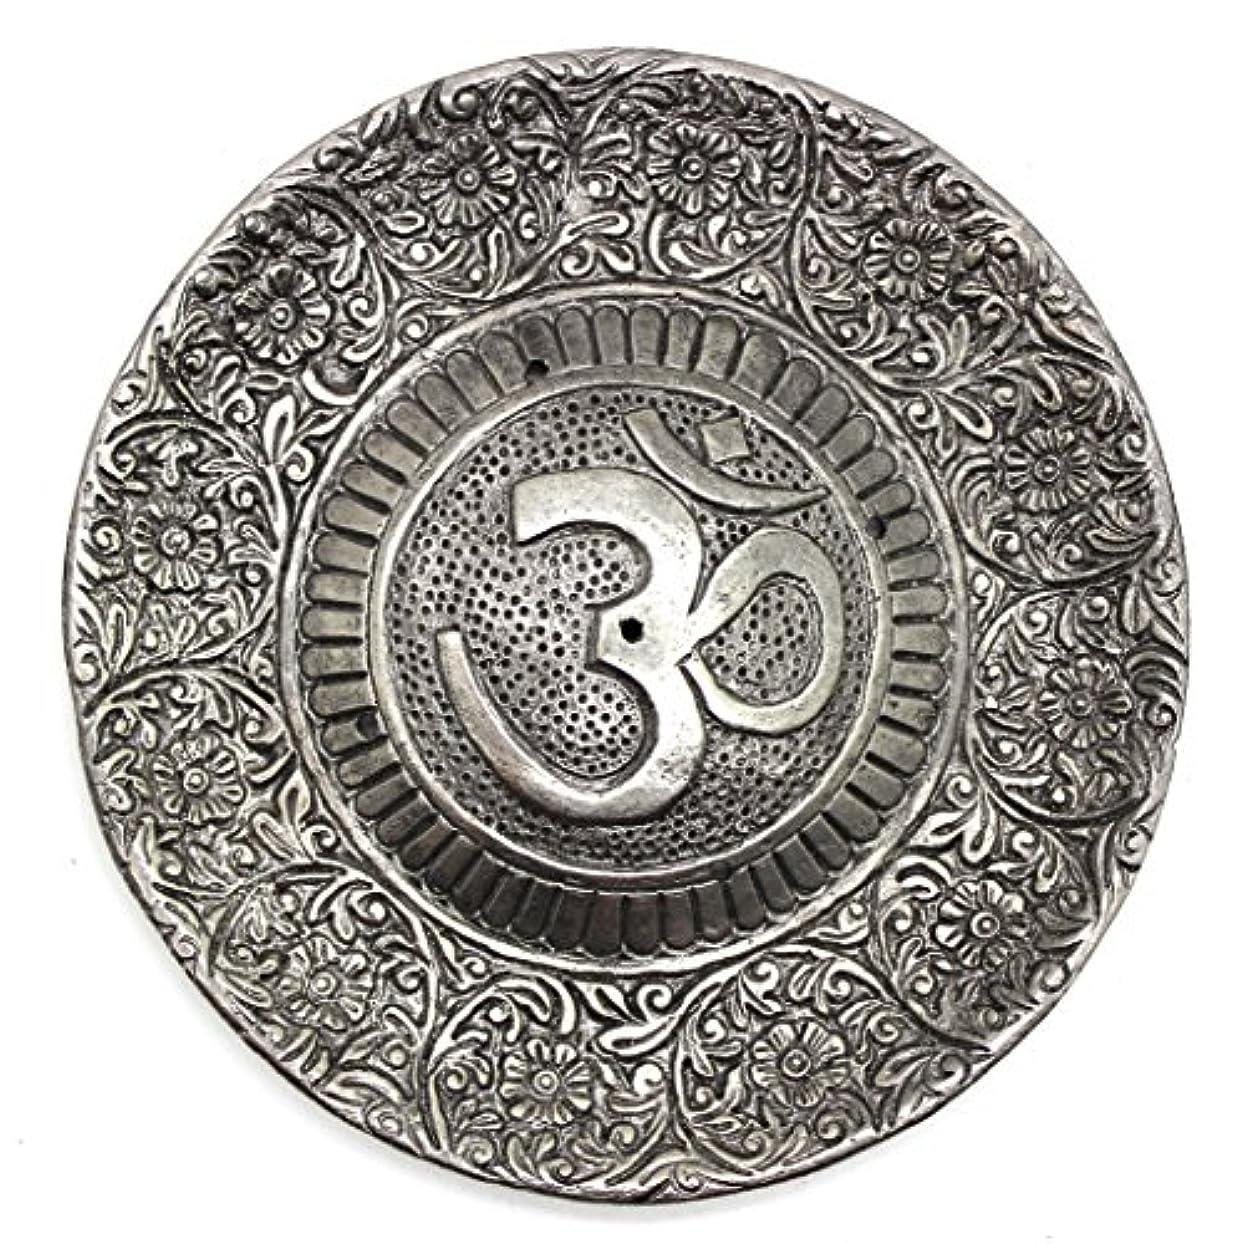 ハイライトかすかな霜Govinda - Tibetan Incense Burner - Larger OM Symbol - 11cm Diameter